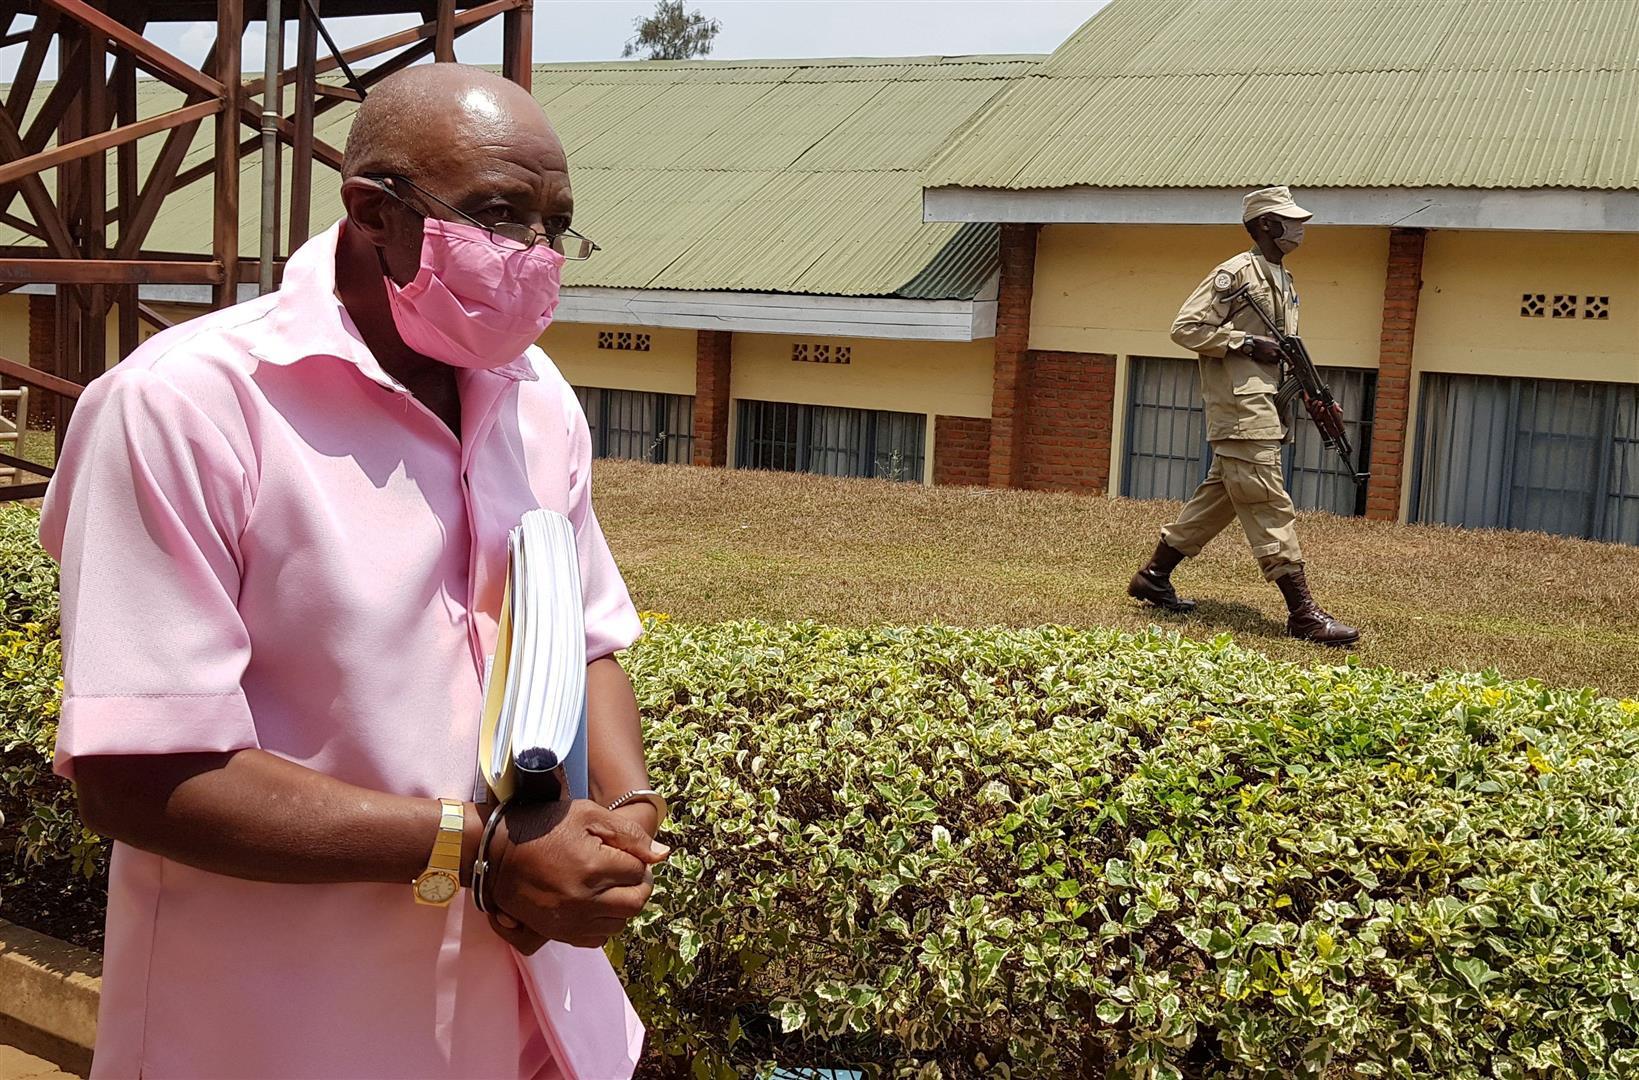 הנפילה: מאגדה הוליוודית למאסר עולם ברואנדה